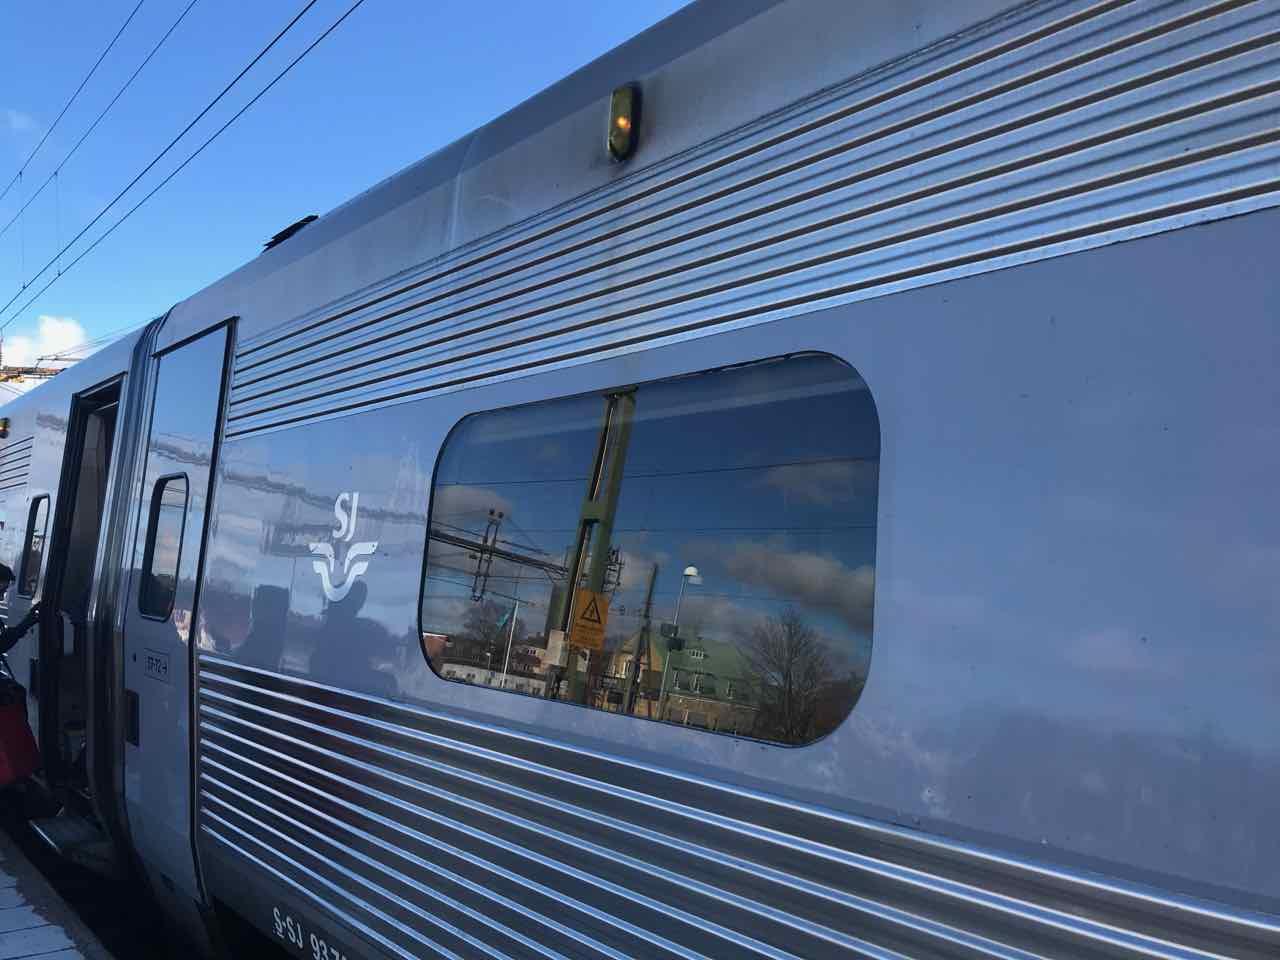 Tåg klimatsmart resande hållbartresande